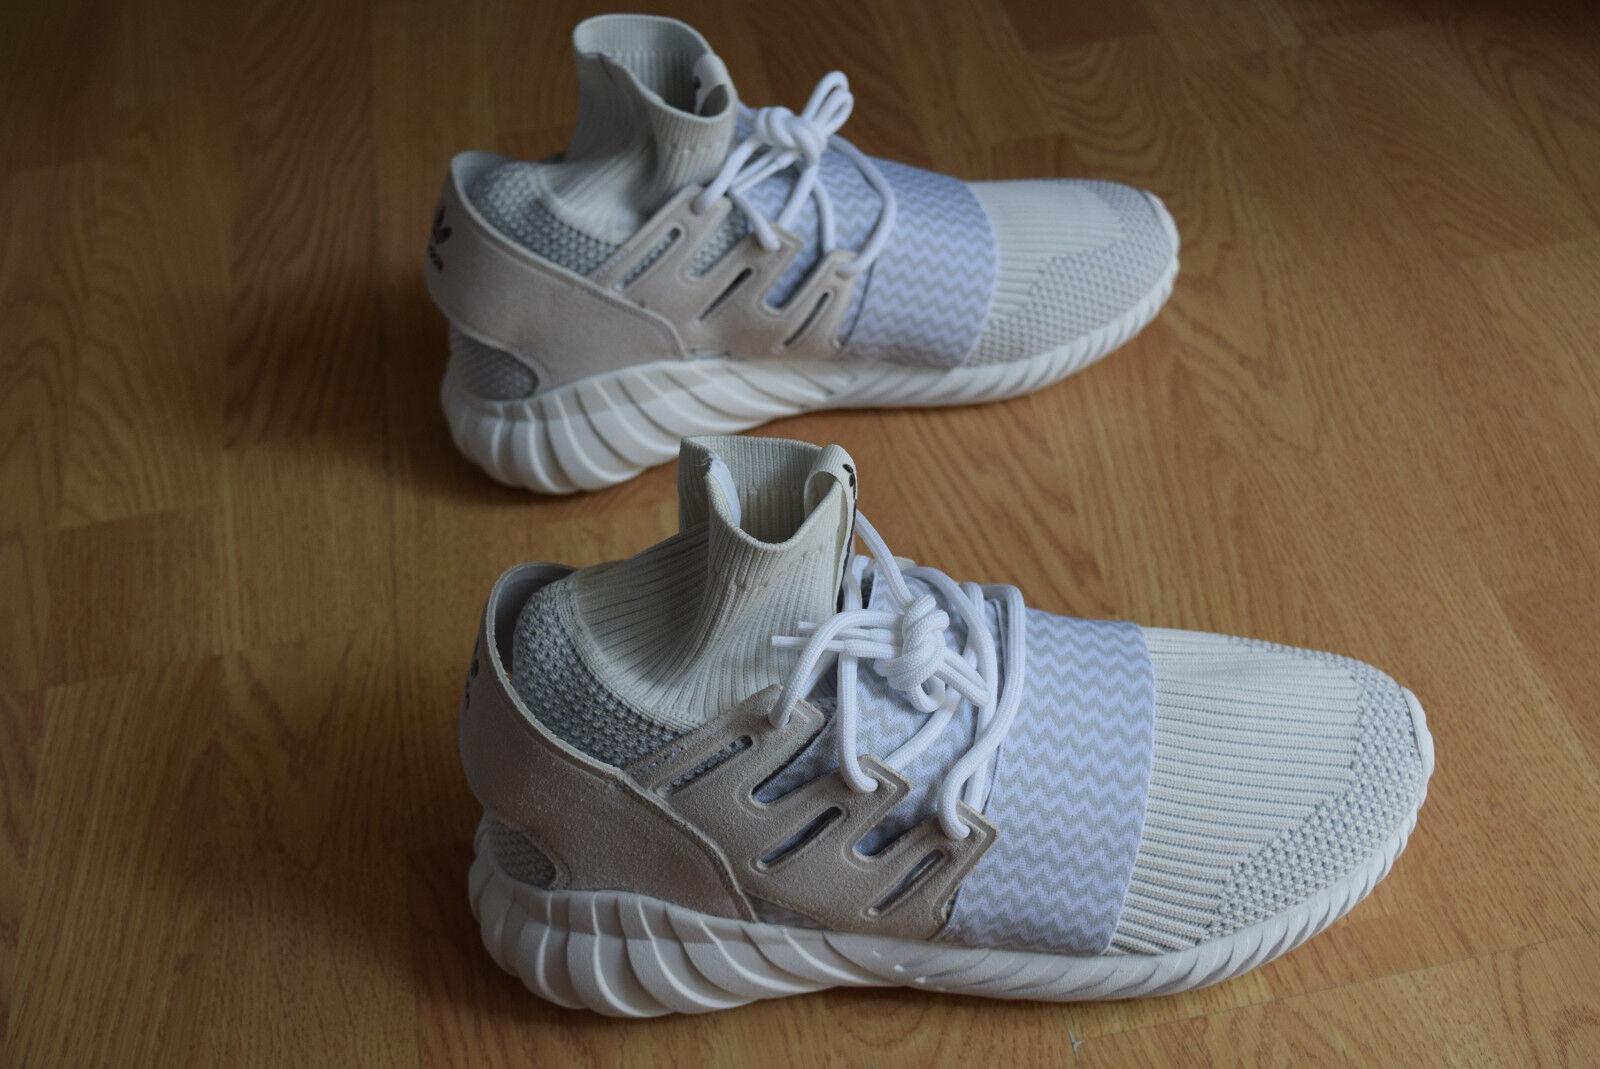 Adidas Adidas Adidas tubuläre doom pk 42 43 44 45 46 s80509 schatten - radial yeezy läufer 155bde